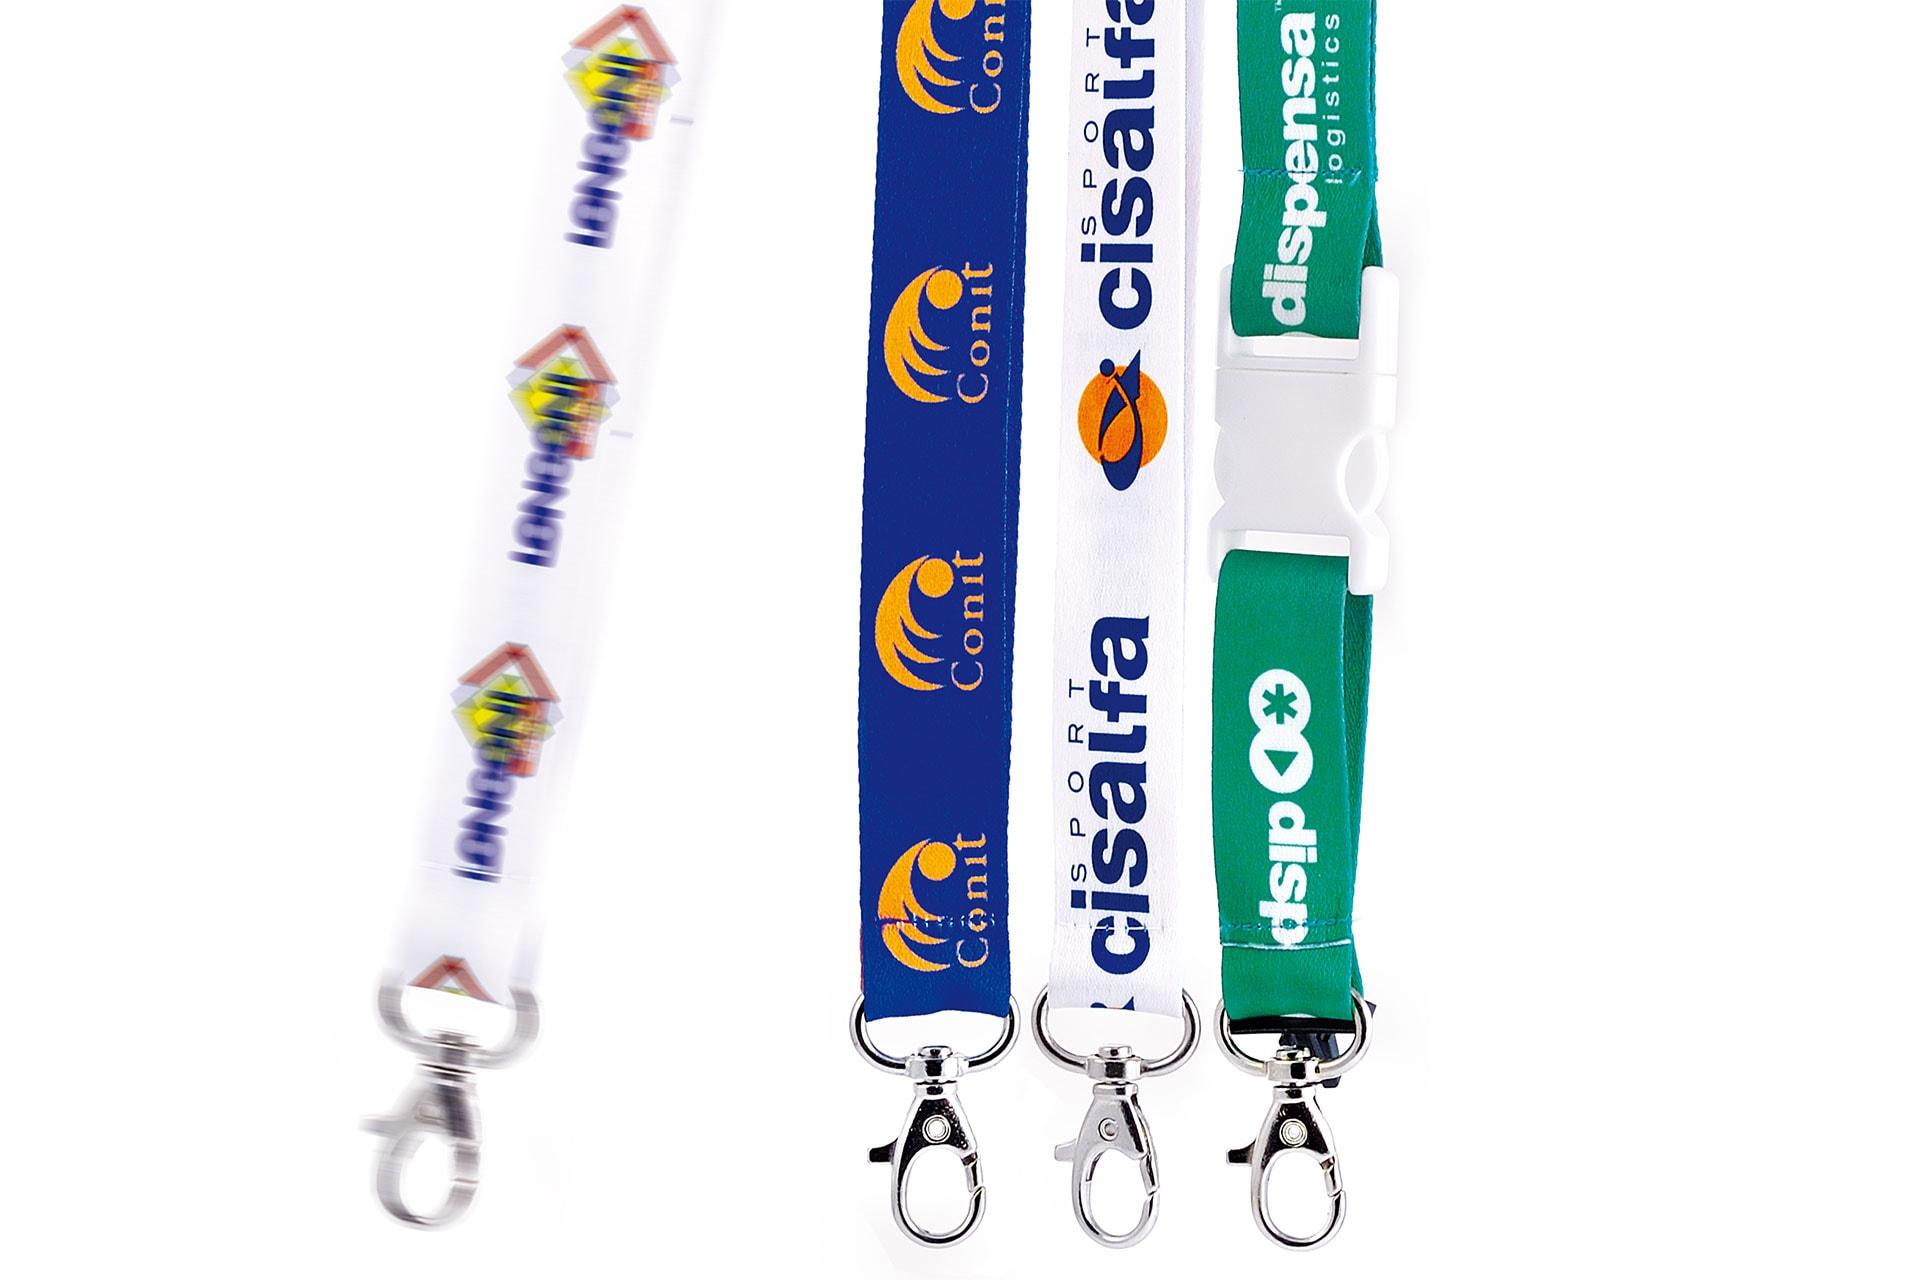 Portabadge da collo personalizzabile, lanyard personalizzato, portapass, partabadge